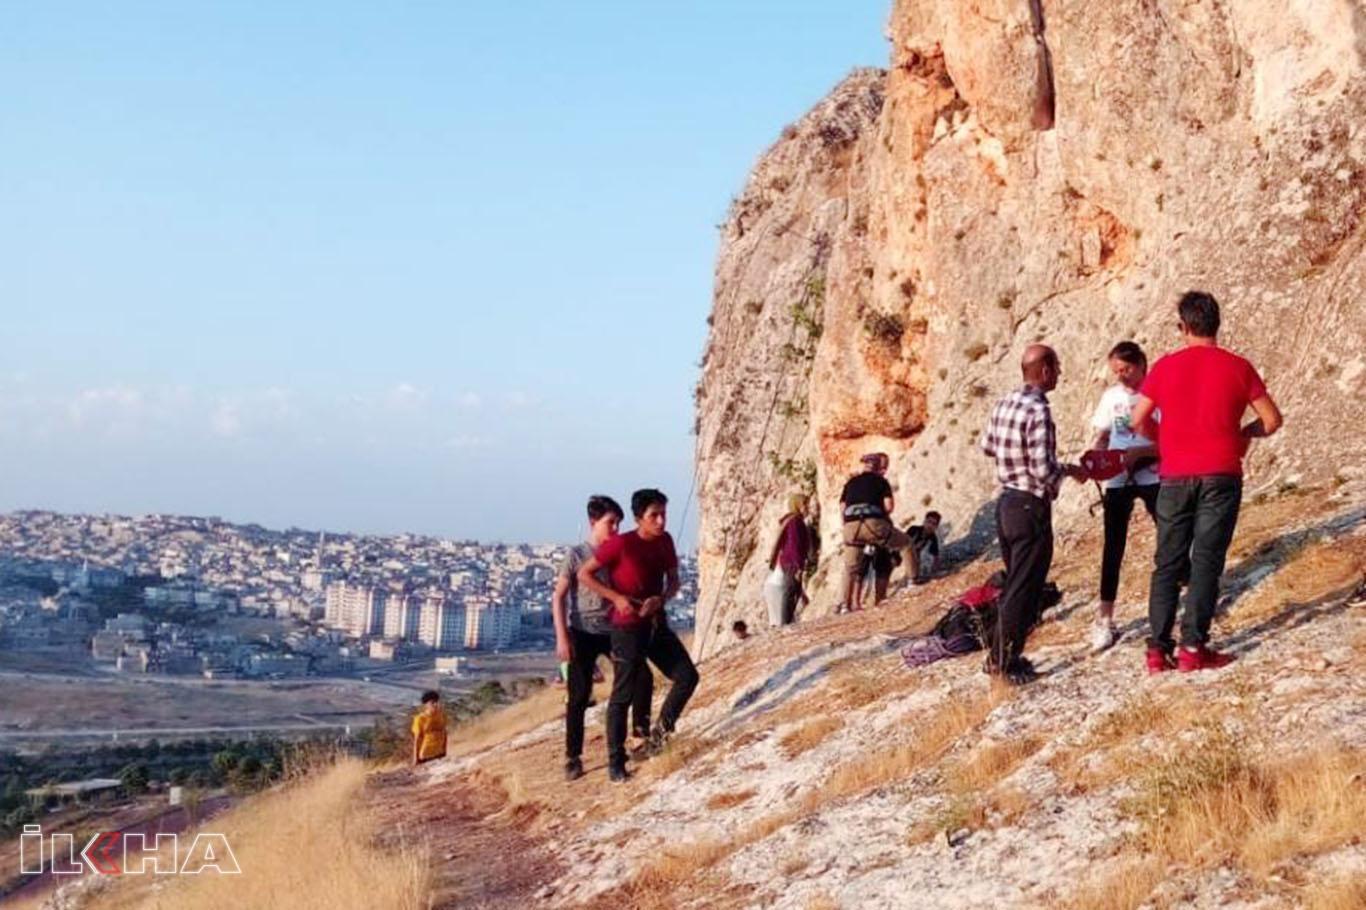 Gaziantepte doğa yürüyüşü etkinliği düzenlendi.